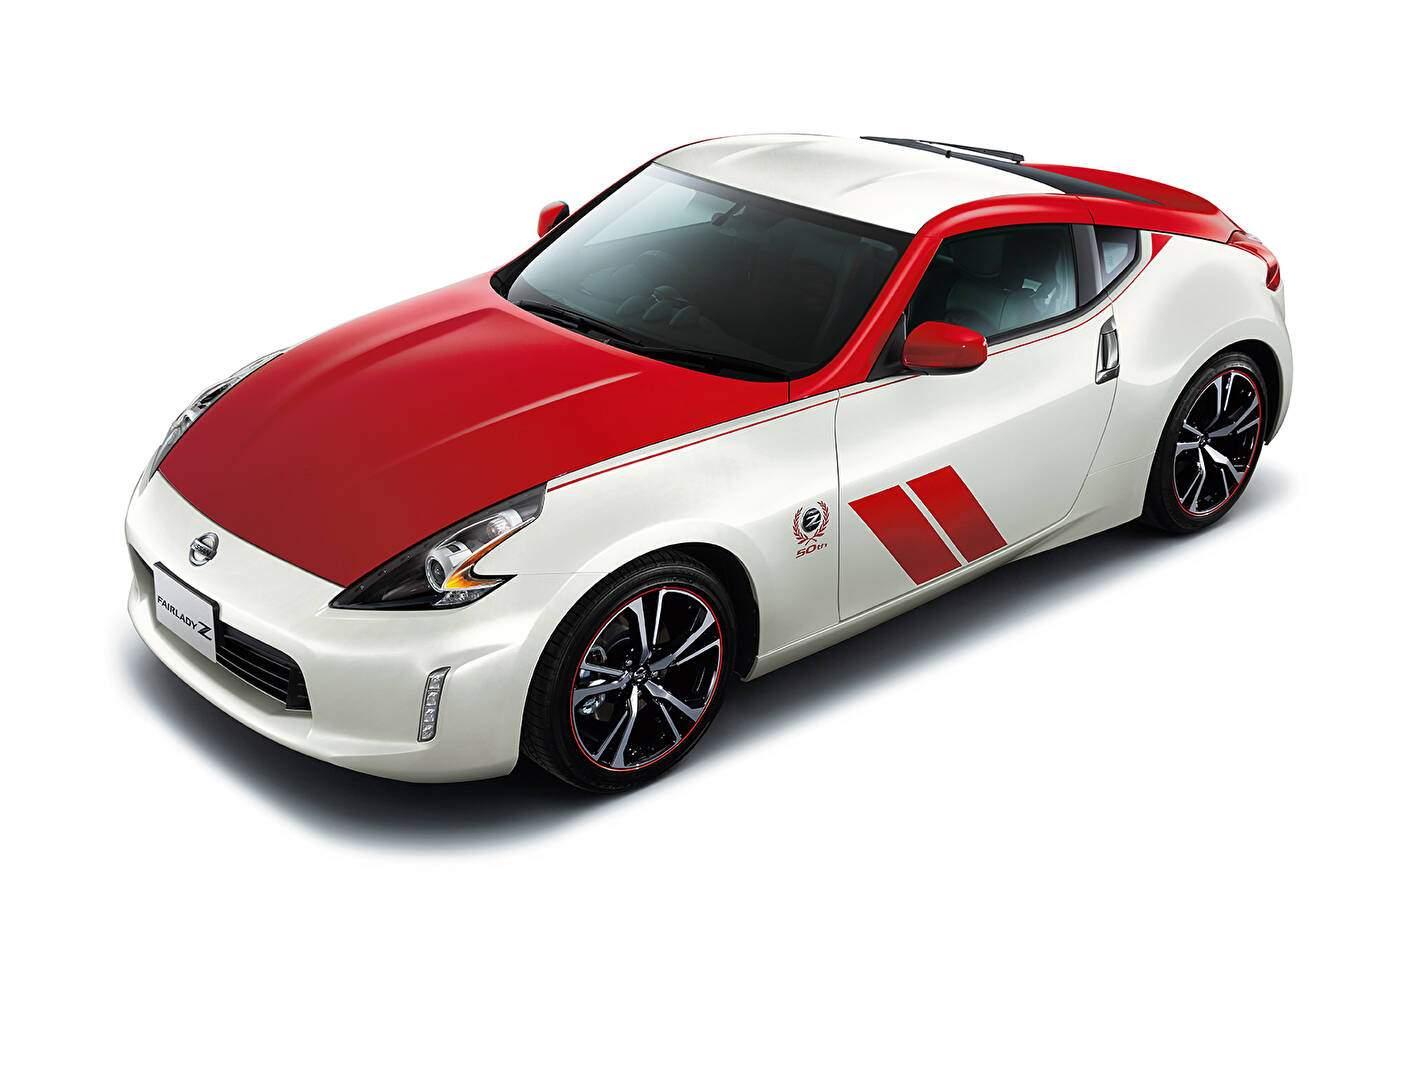 Nissan Fairlady Z >> Fiche technique Nissan Fairlady Z VI « 50th Anniversary » (2019)